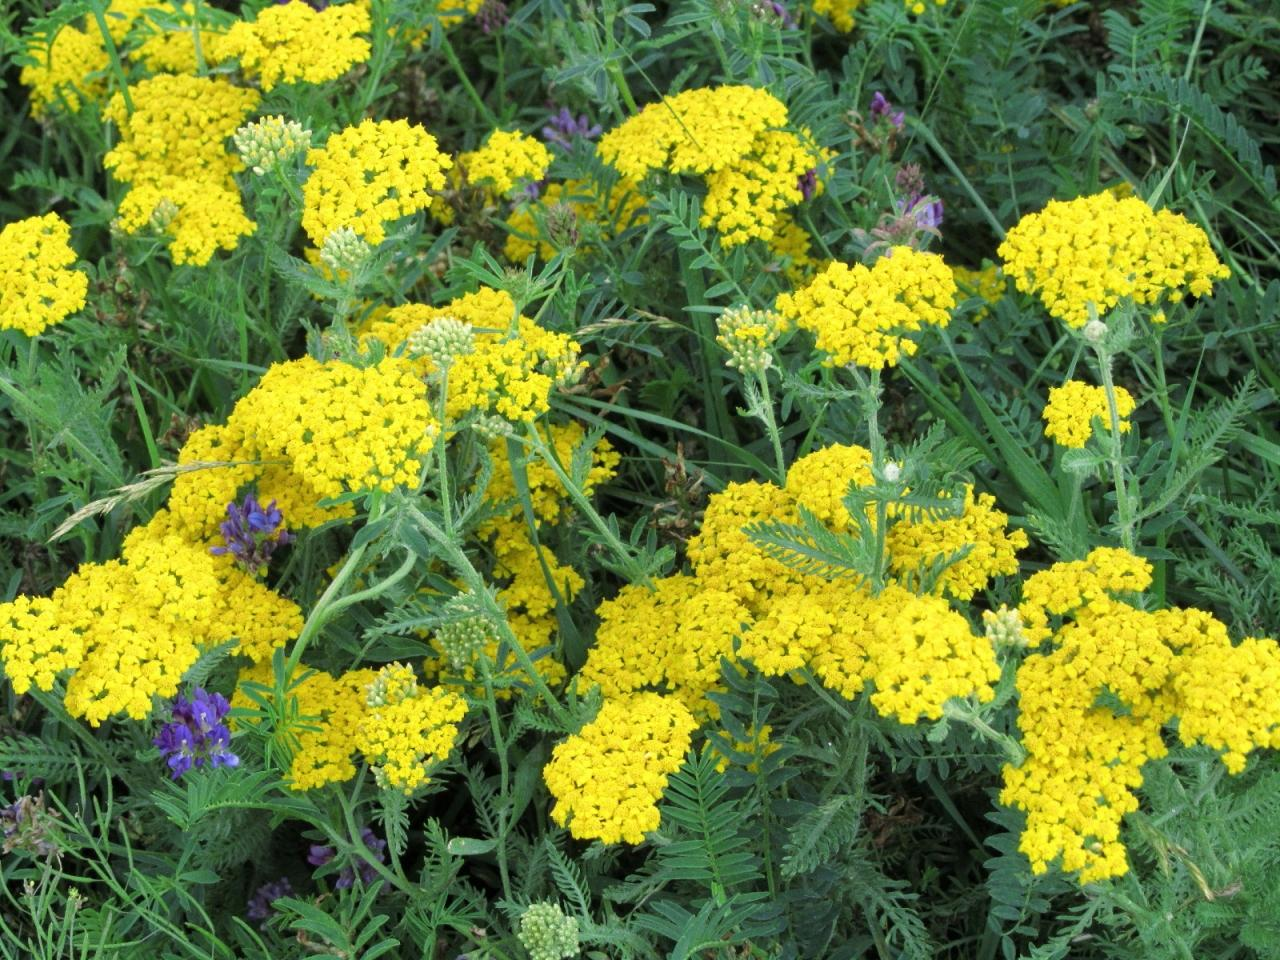 2011年コーカサス3カ国旅行ハイライトその10:植物編──野花にあふれたコーカサス